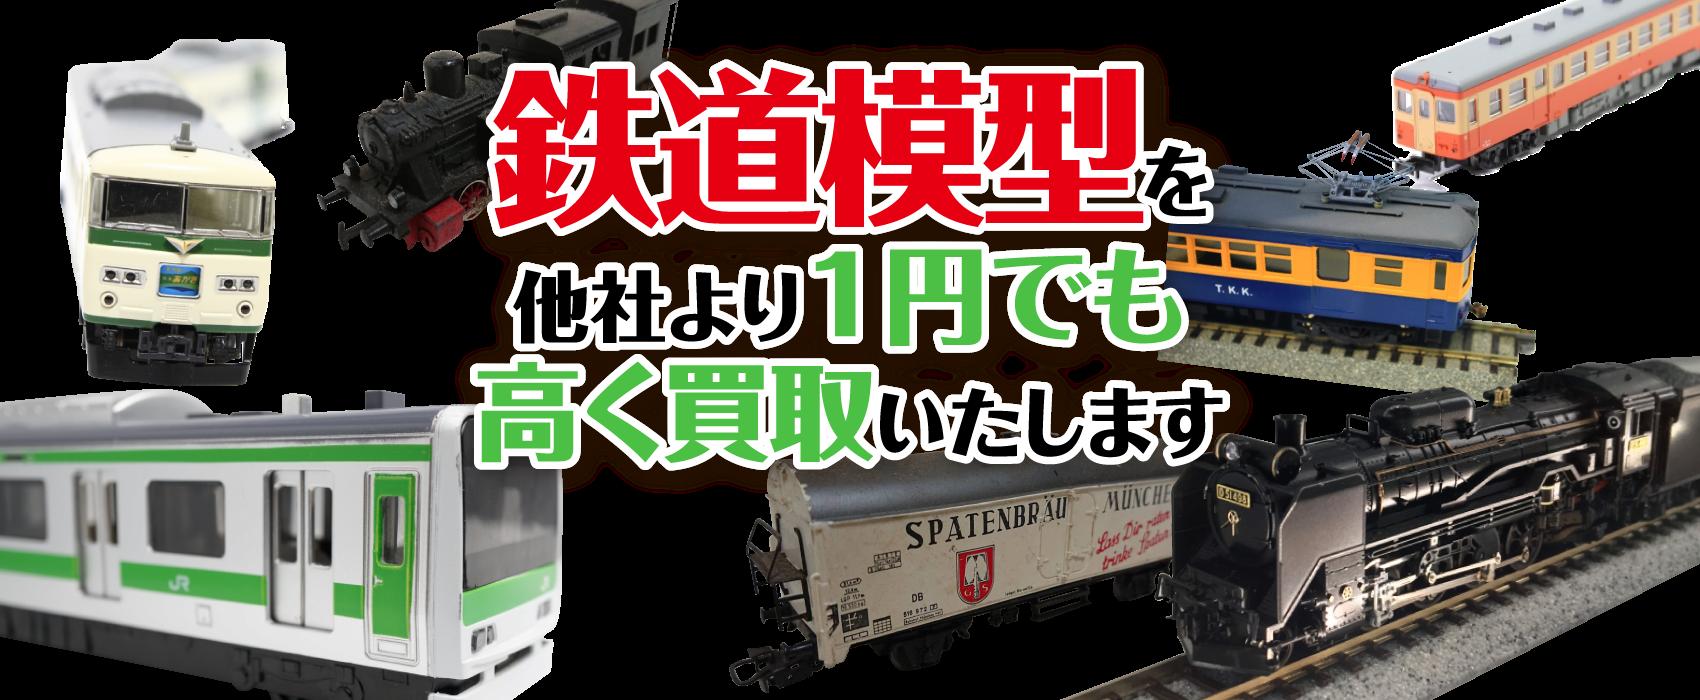 鉄道模型・鉄道グッズ